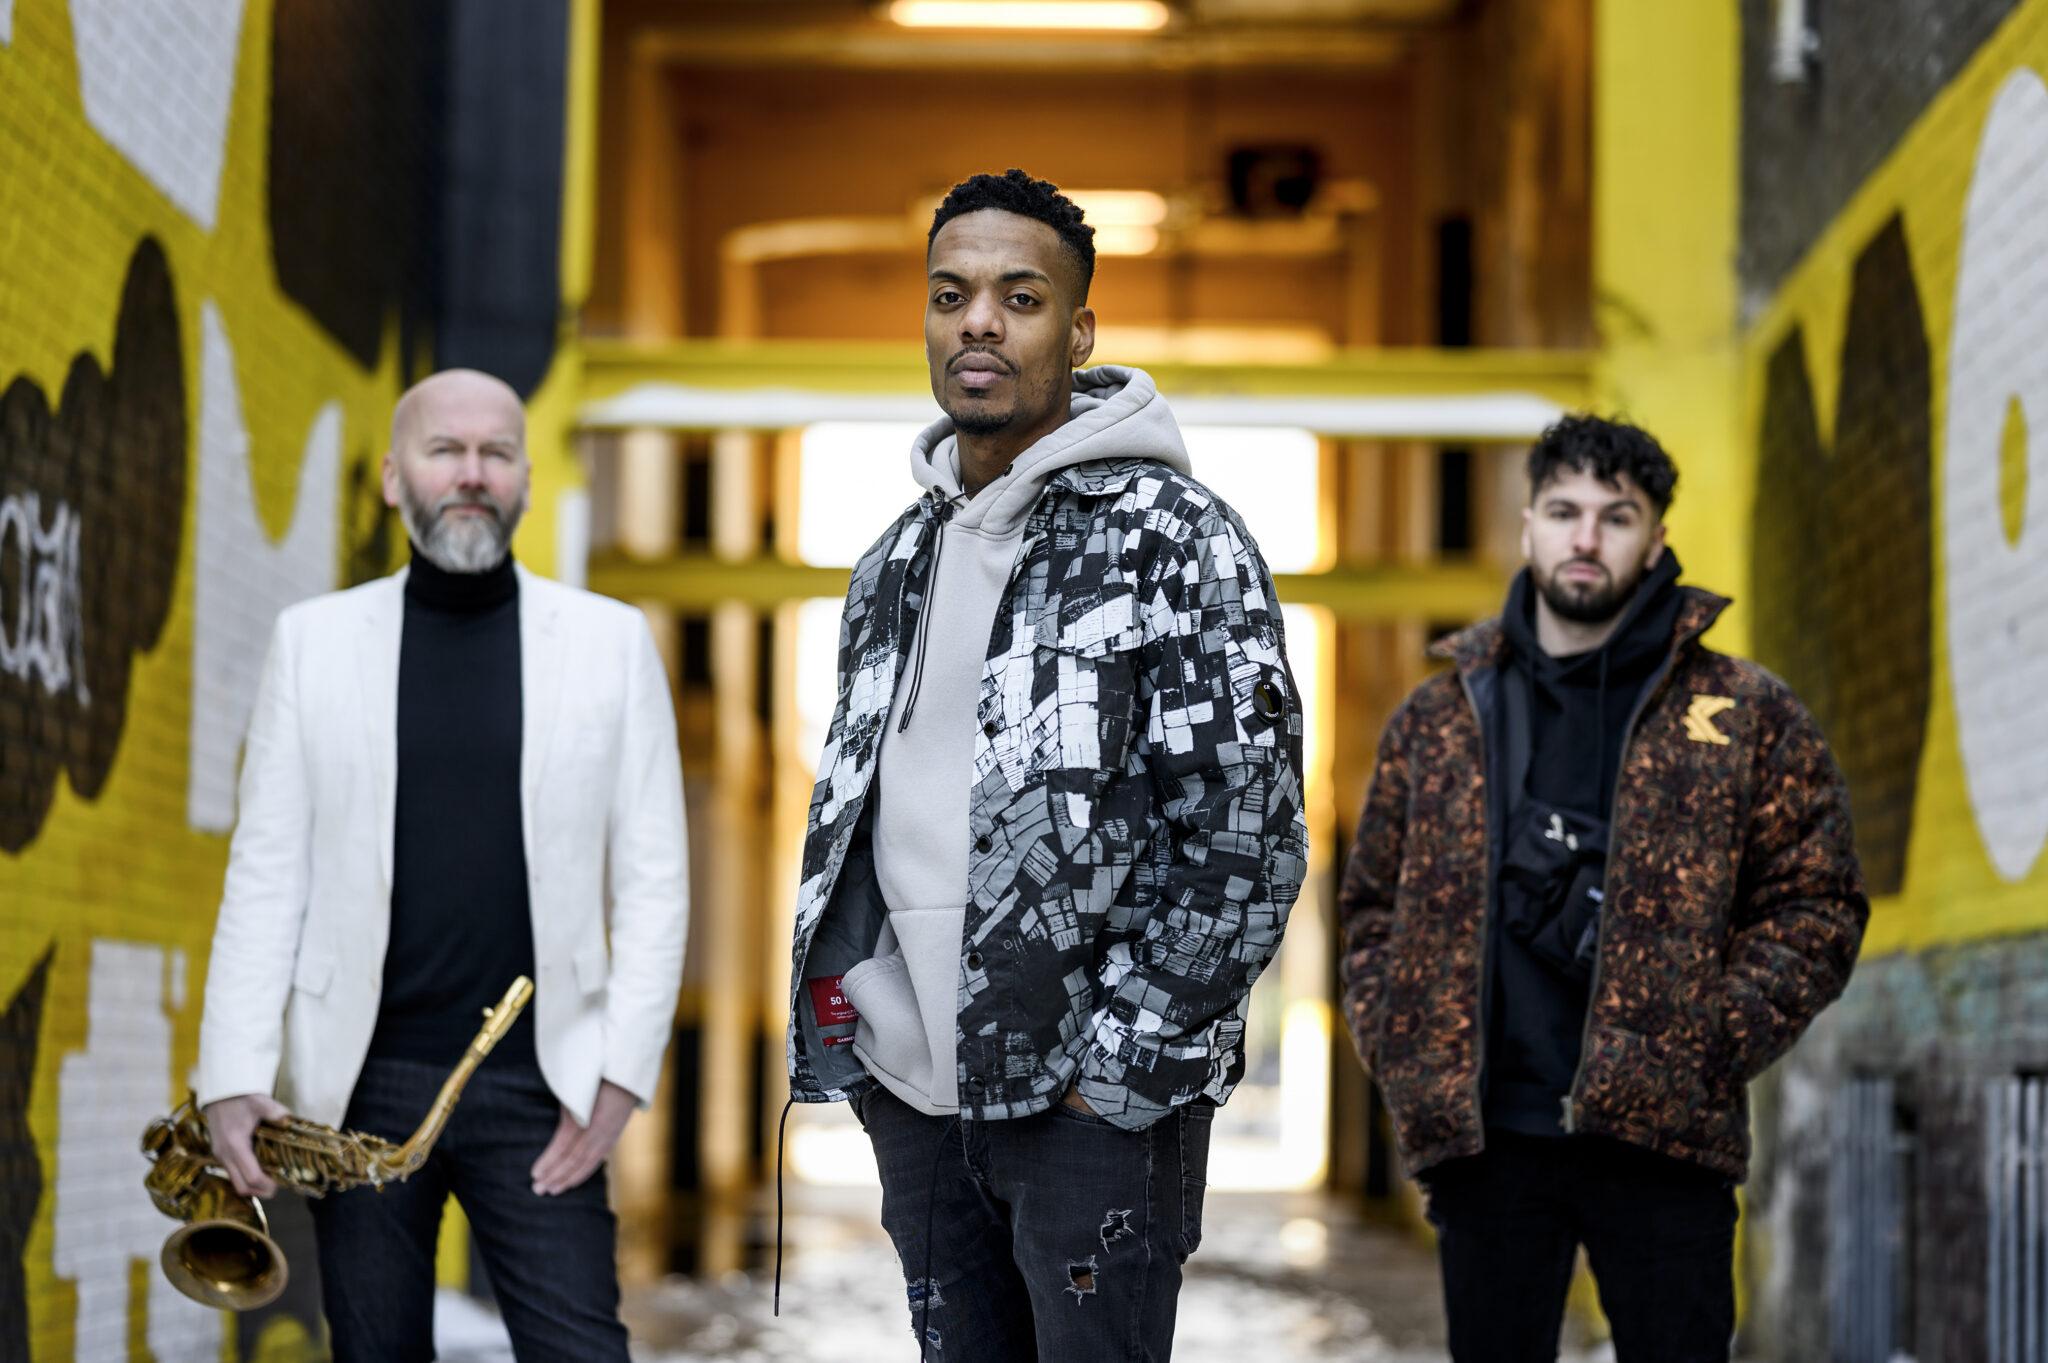 Muziekstad_VPRO_2021_aflevering-1-Rotterdam_Raw-Roets-c-Jelmer-de-Haas